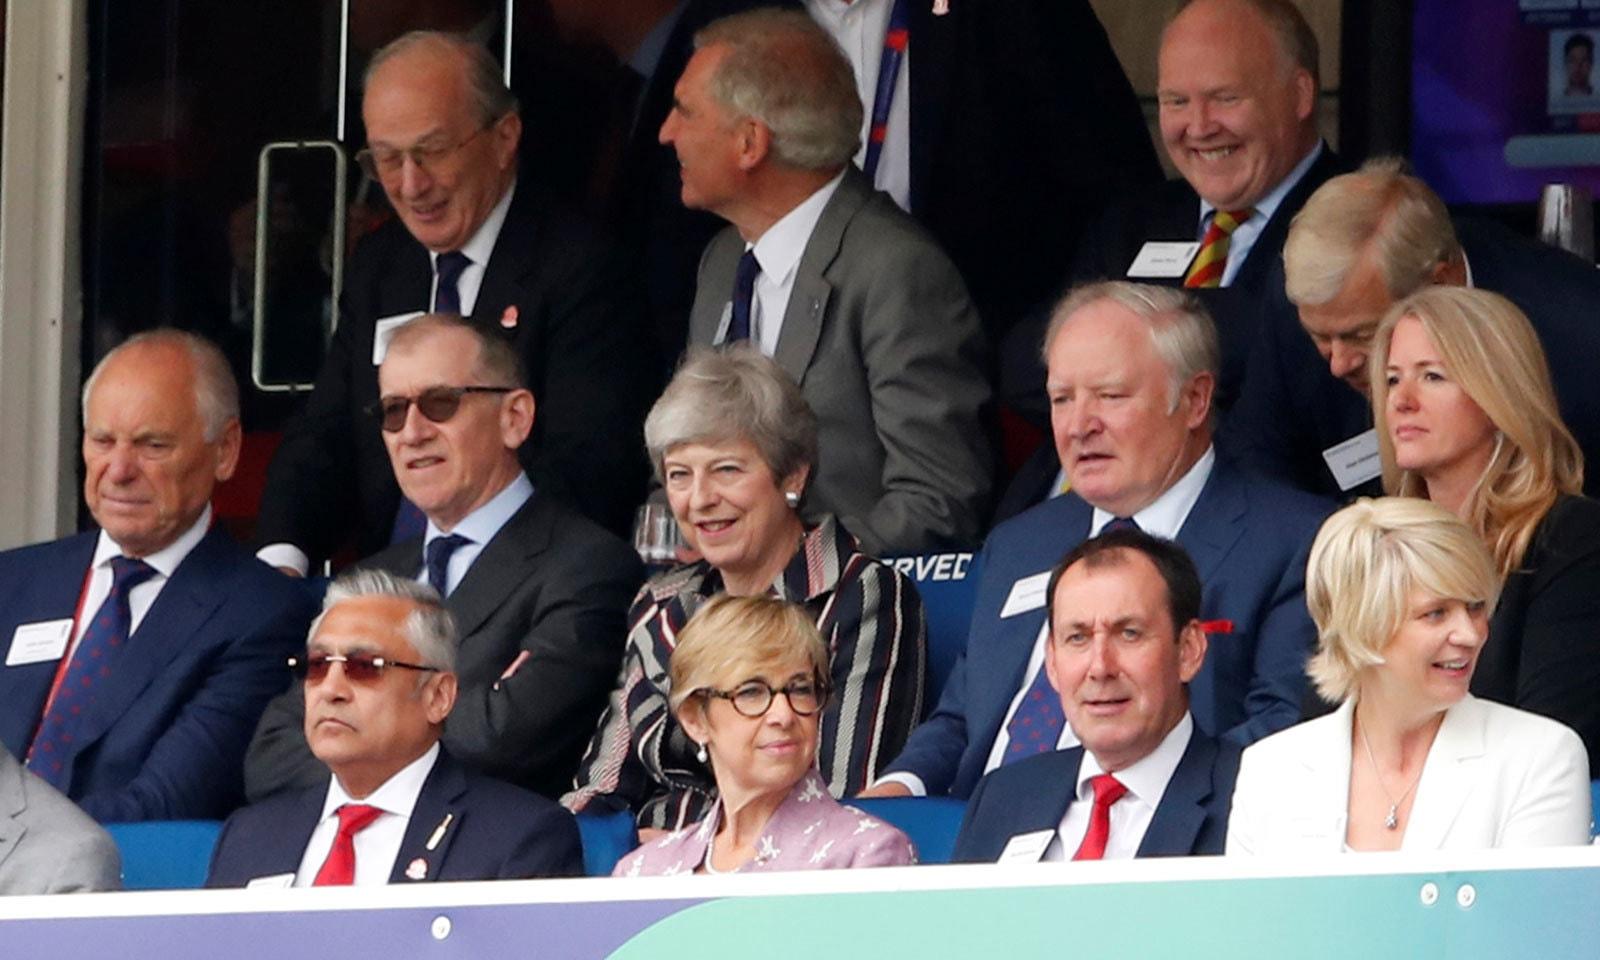 انگلینڈ کی وزیر اعظم تھریسامے بھی میچ دیکھنے کے لیے اسٹیڈیم میں موجود تھیں— فوٹو: رائٹرز